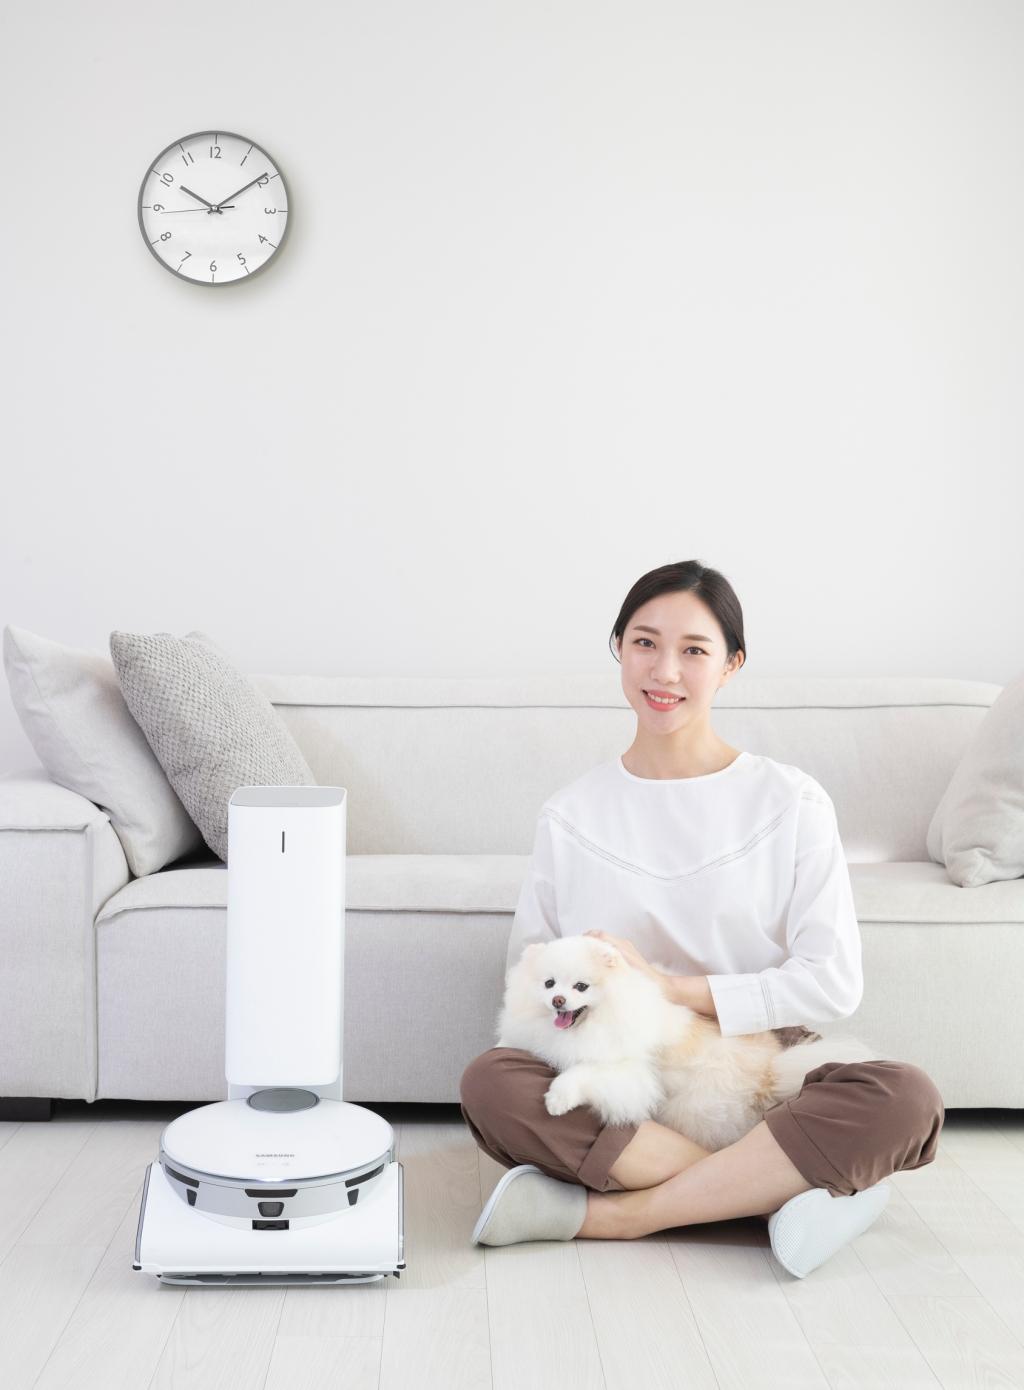 삼성전자, '비스포크 제트 봇 AI' 인기로 로봇청소기 매출 4배 증가